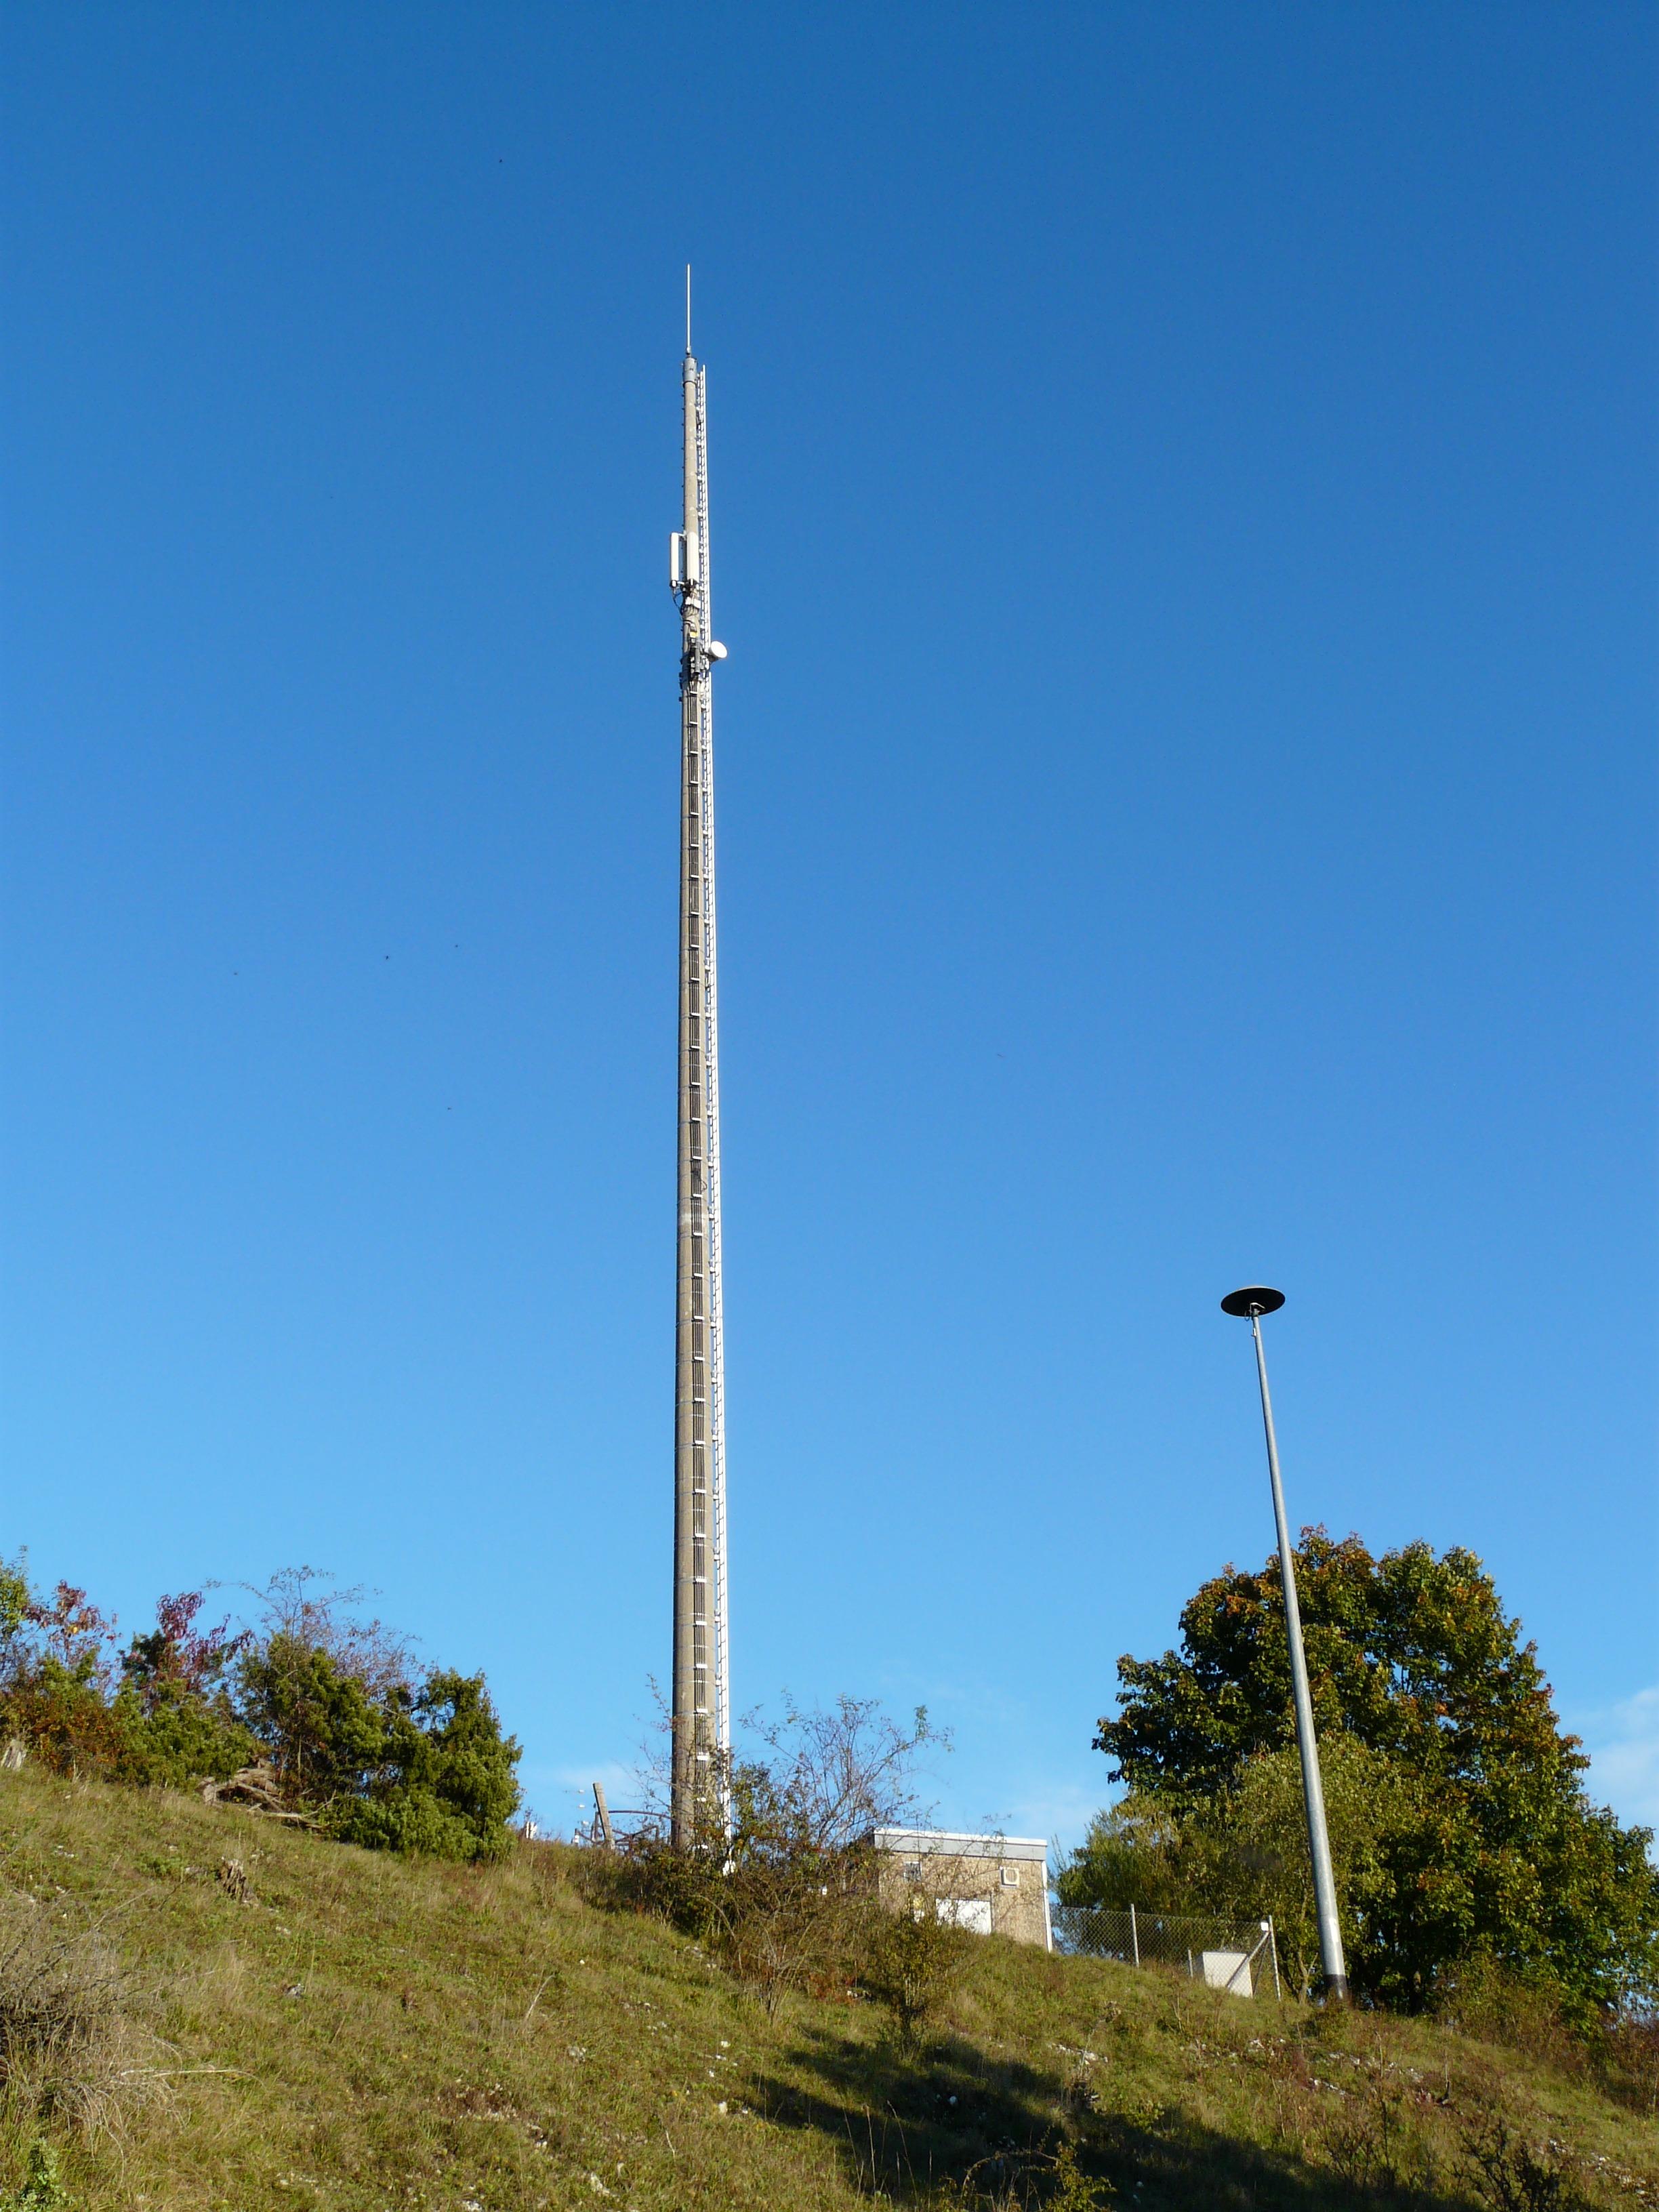 Free Images : sky, wind, alarm, range, communication, blue